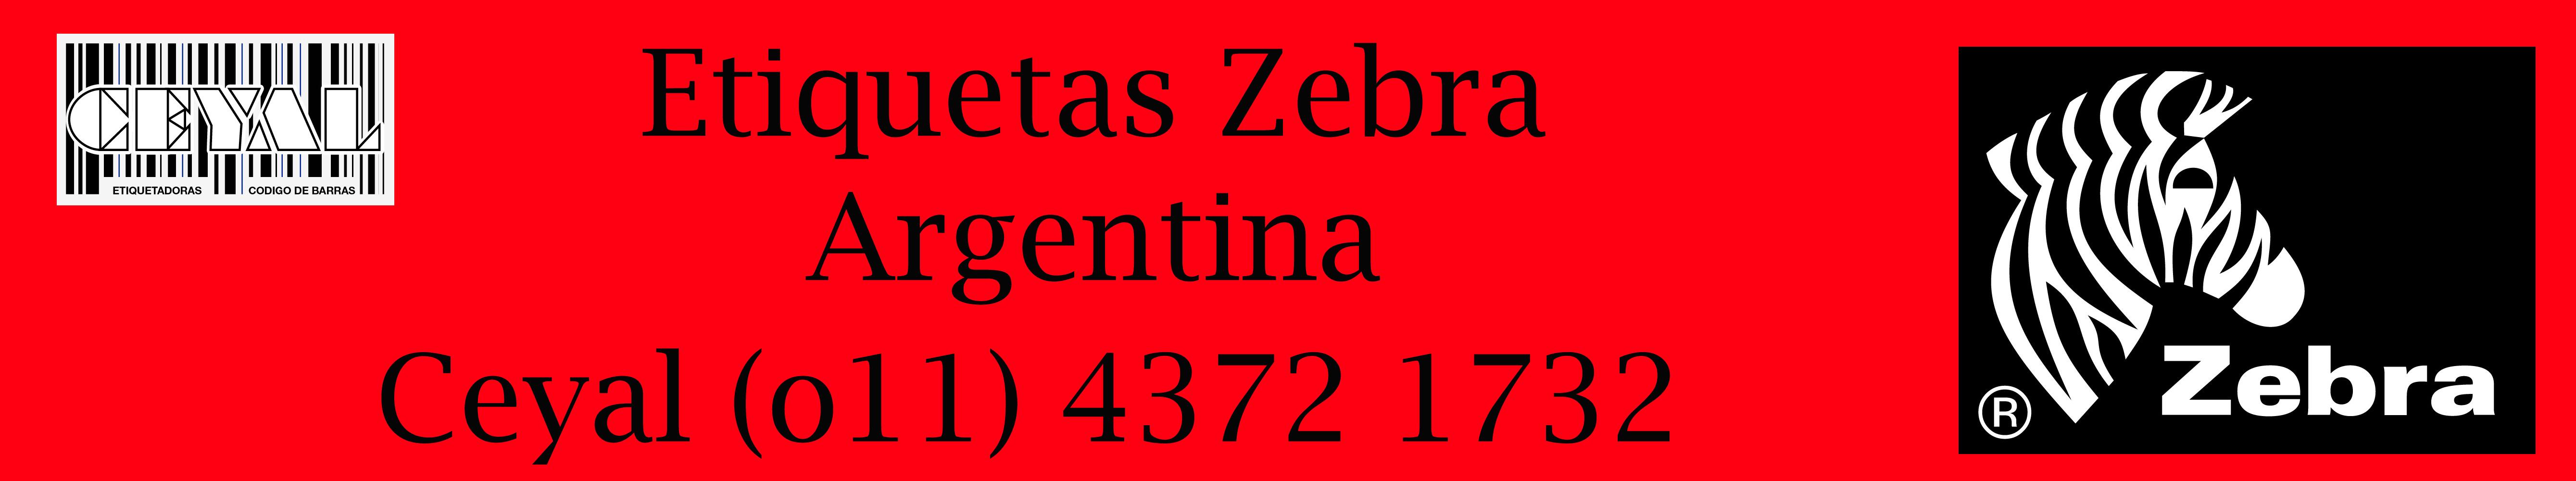 etiquetas zebra argentina